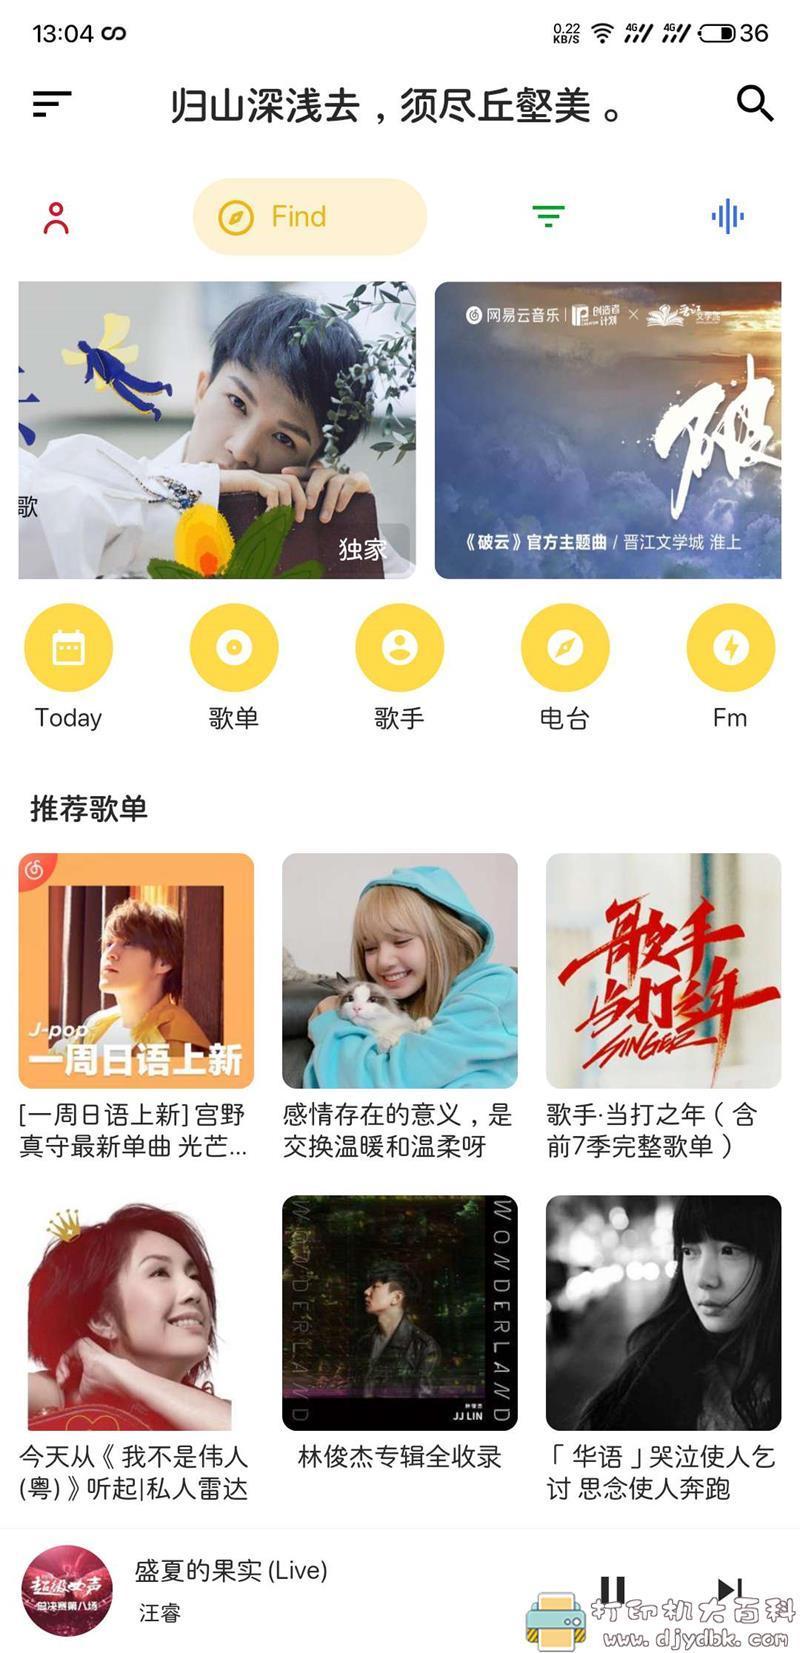 [Android]网易云音乐第三方客户端 不倦图片 No.3